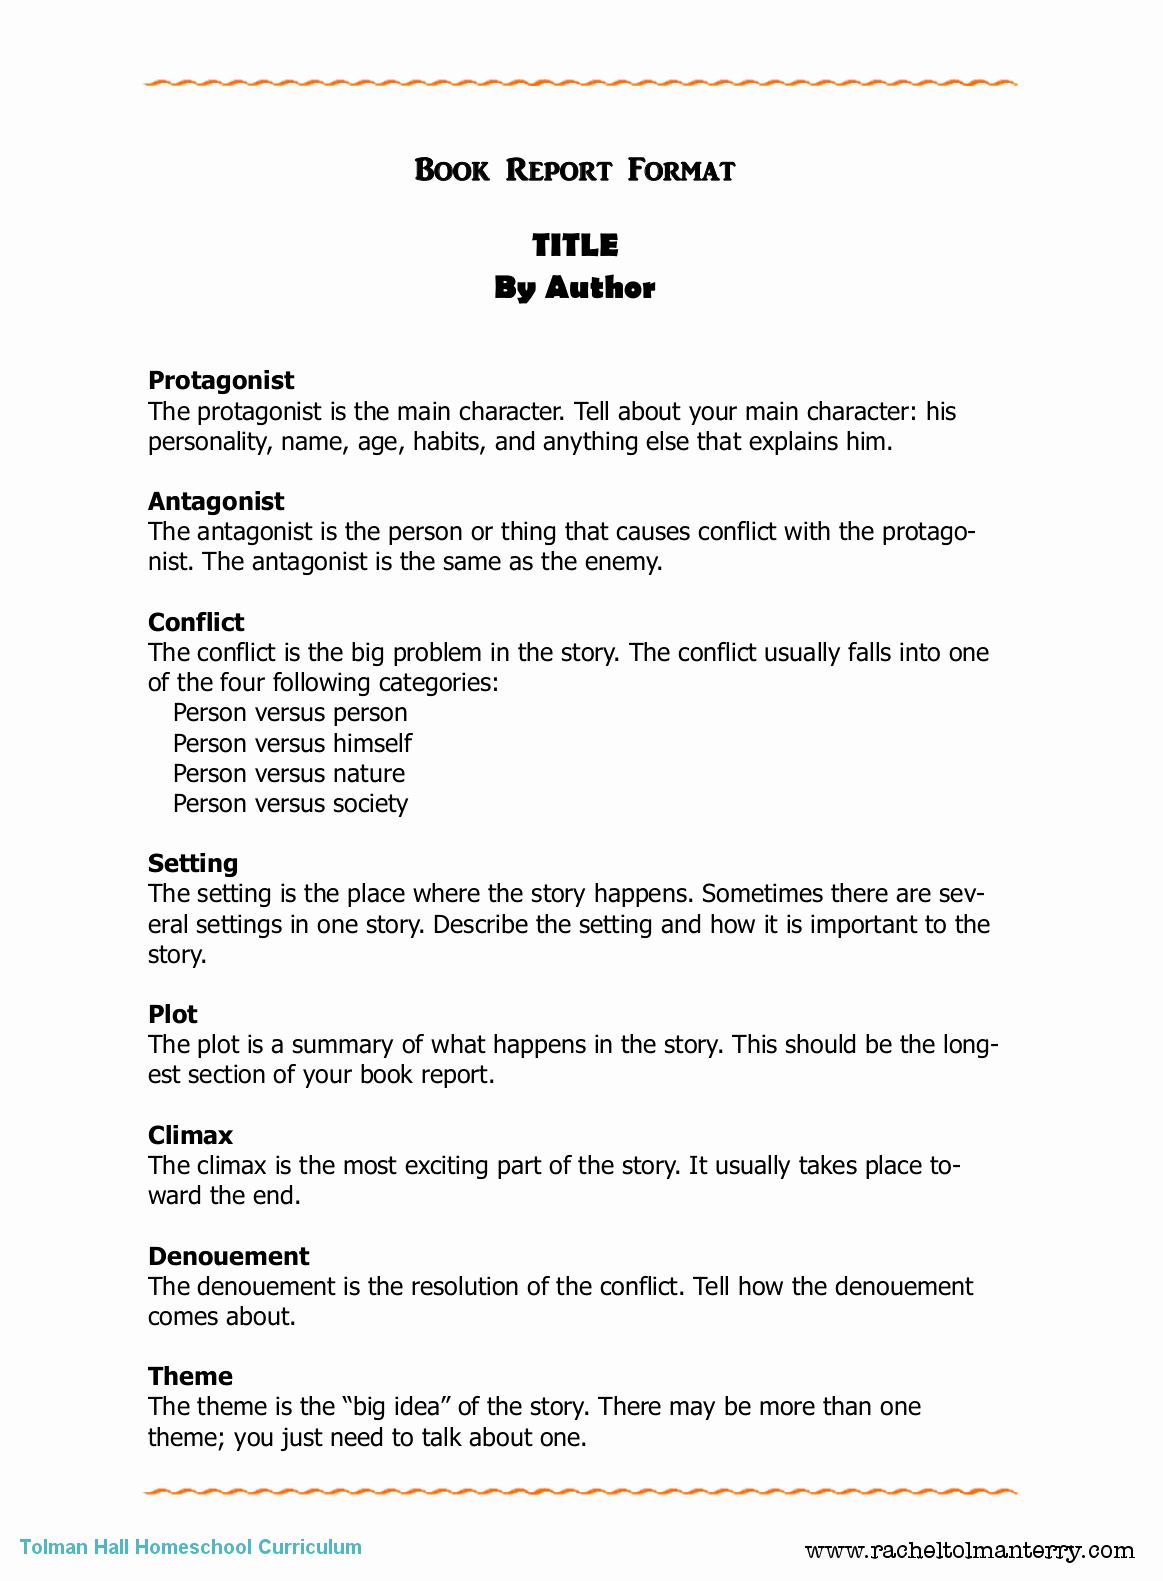 Book Report format